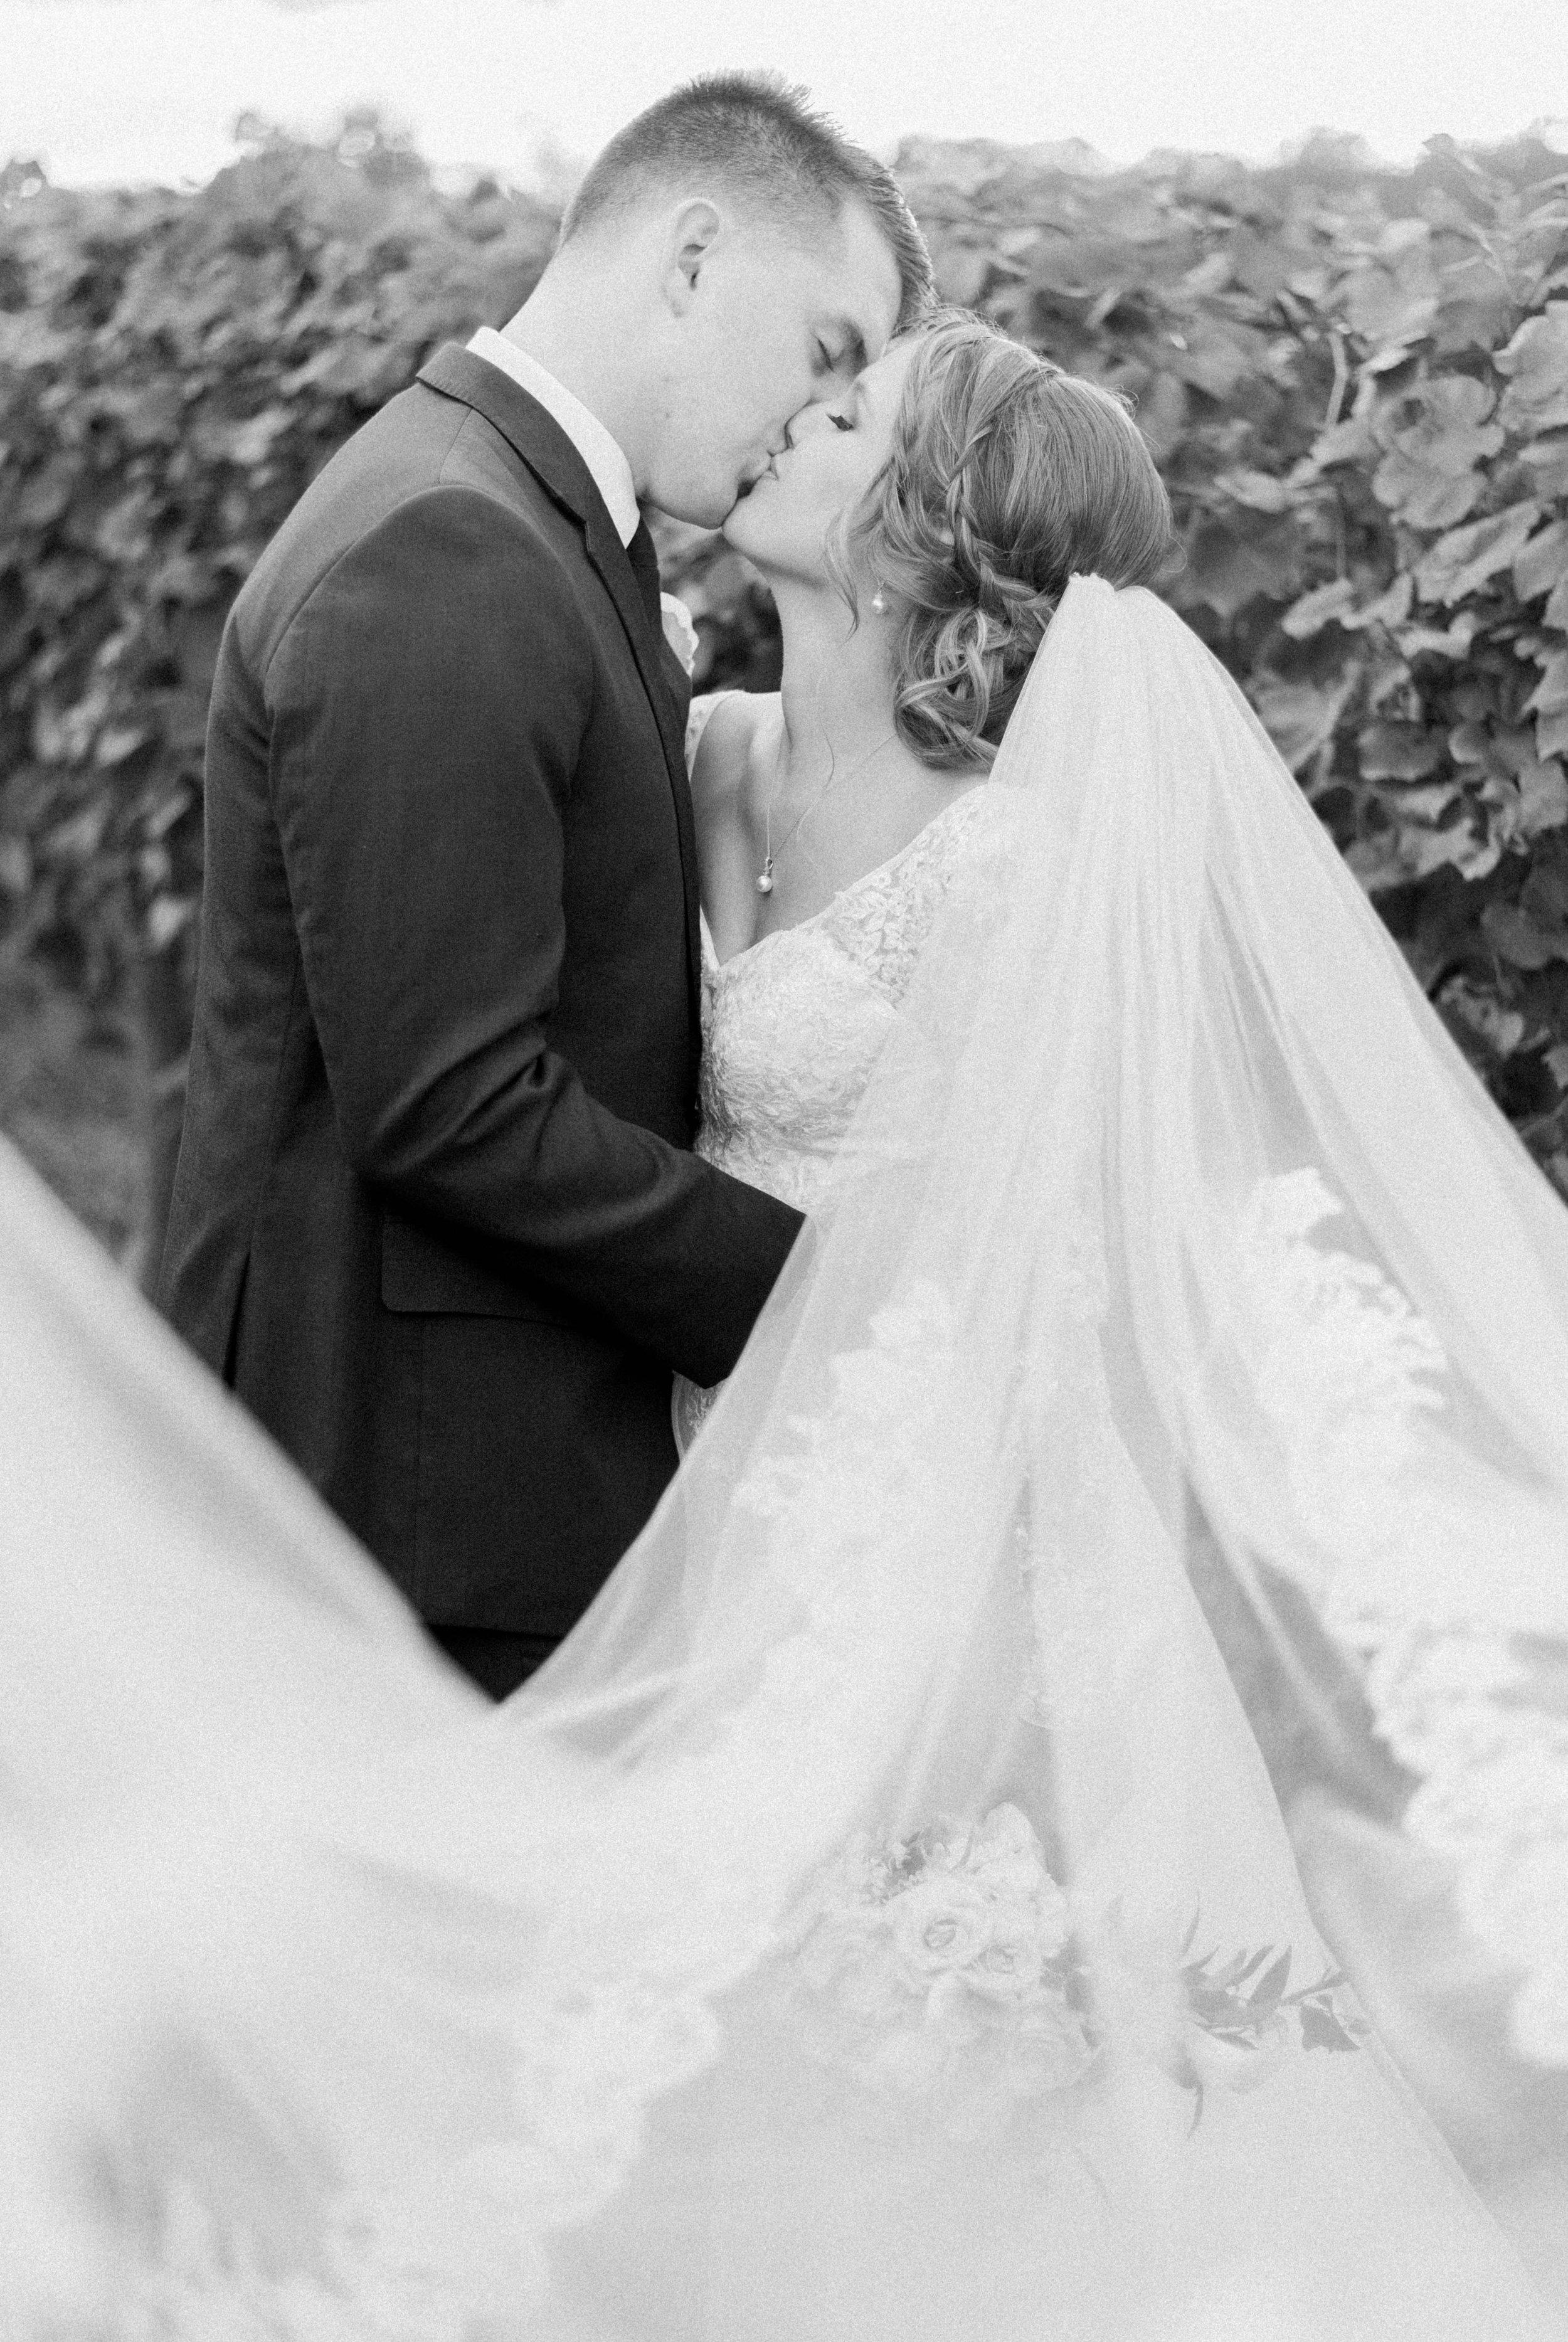 GrantElizabeth_wineryatbullrun_DCwedding_Virginiaweddingphotographer 24.jpg